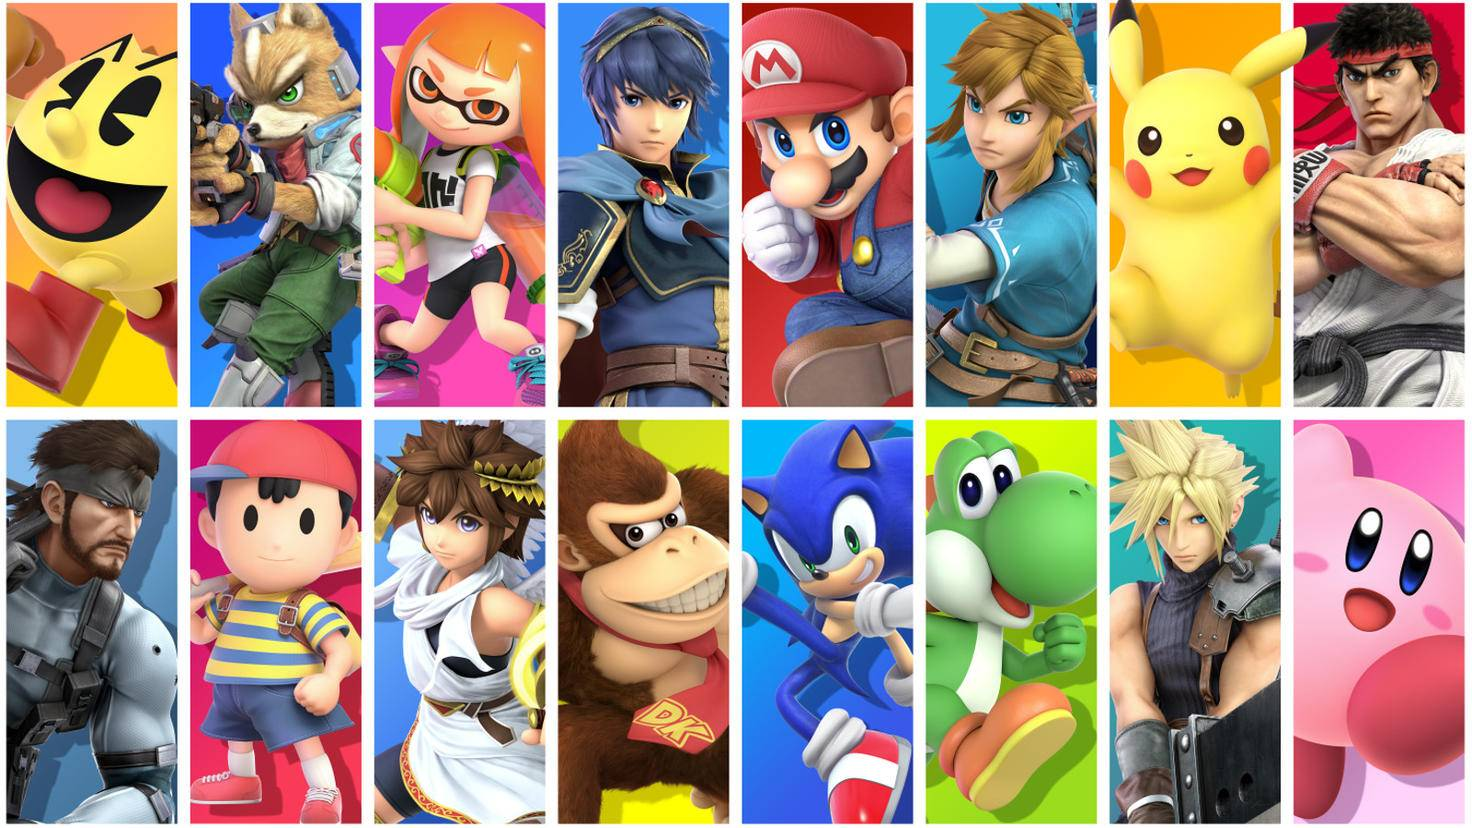 """Diese Helden sind nur ein kleiner Ausschnitt aus der gesamten Kämpfer-Riege in """"Super Smash Bros. Ultimate""""."""